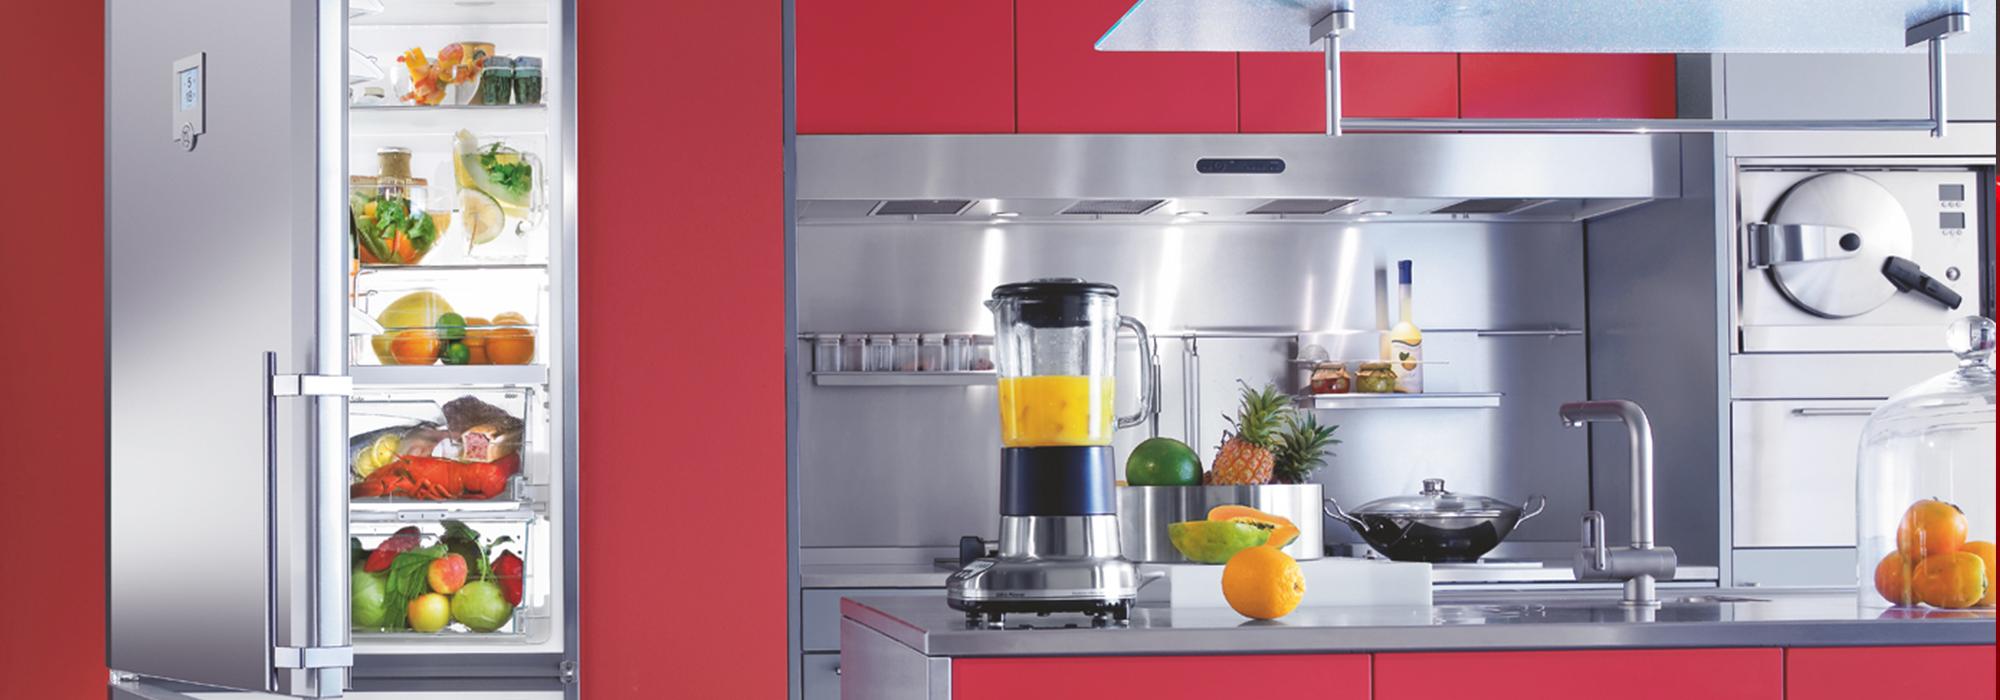 Come scegliere il frigorifero – Cucine Padova